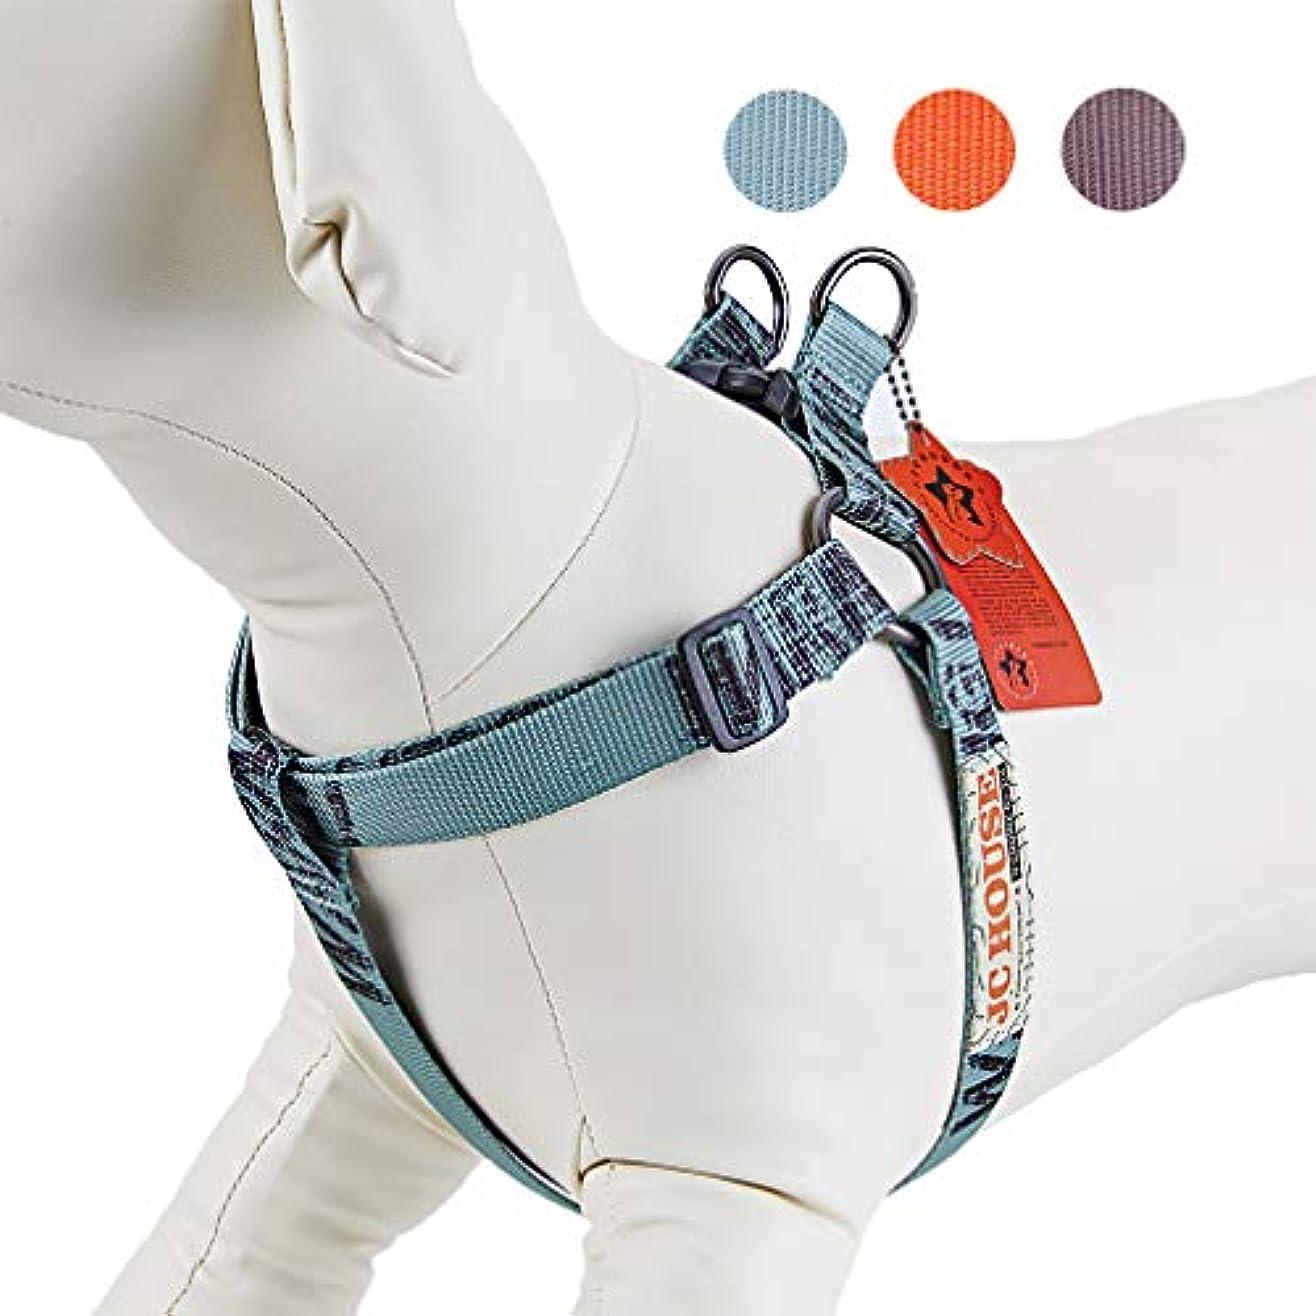 塊賞賛するベッドを作るJC HOUSE 犬用ハーネス 胴輪 小型犬 中型犬 大型犬 ドーク 散歩/訓練/お出かけ 簡単着脱 調節可能 引っ張り防止 軽量 ペット用品(グリーン L)